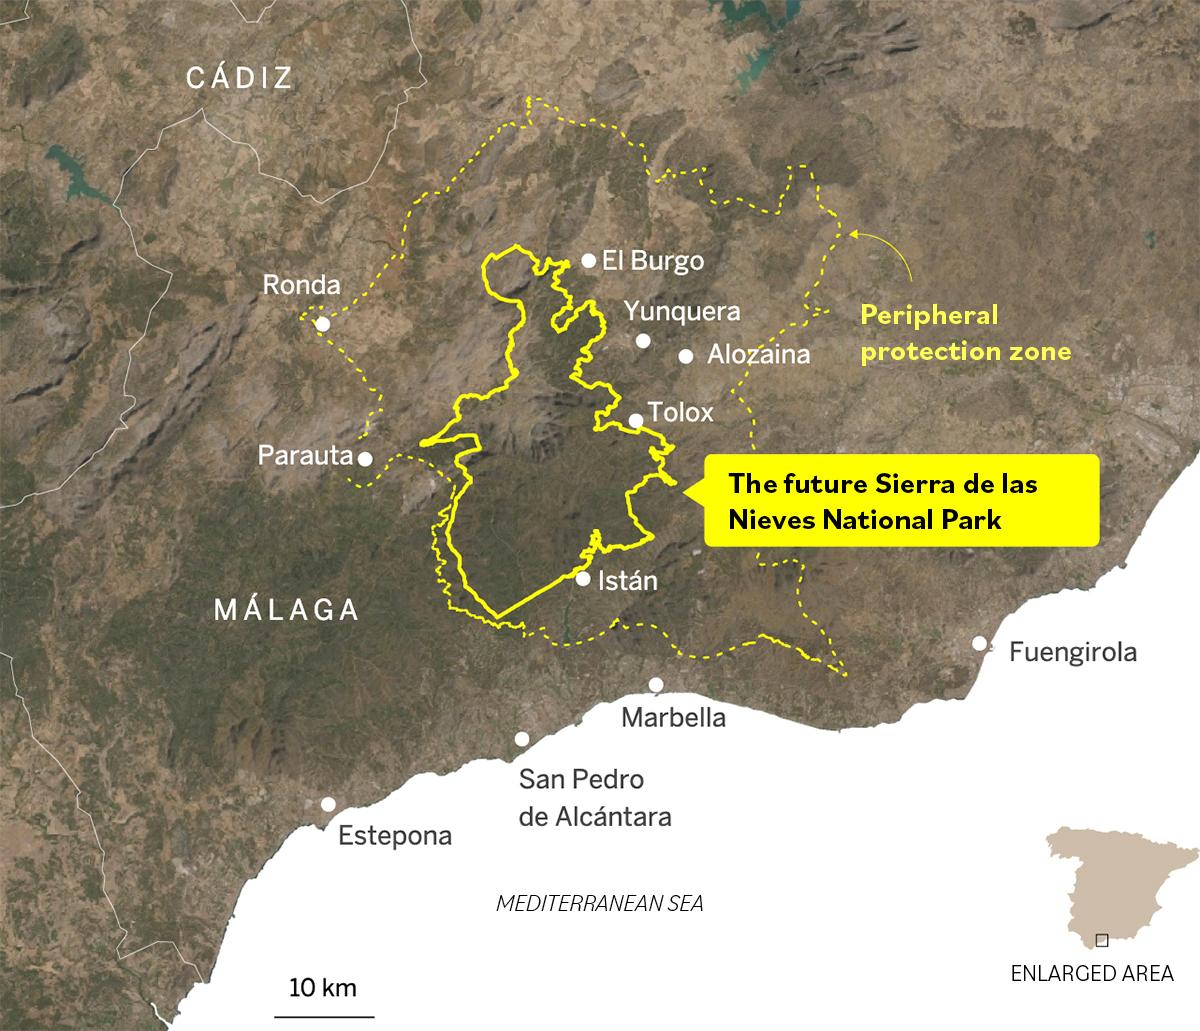 New Sierra de las Nieves national Park